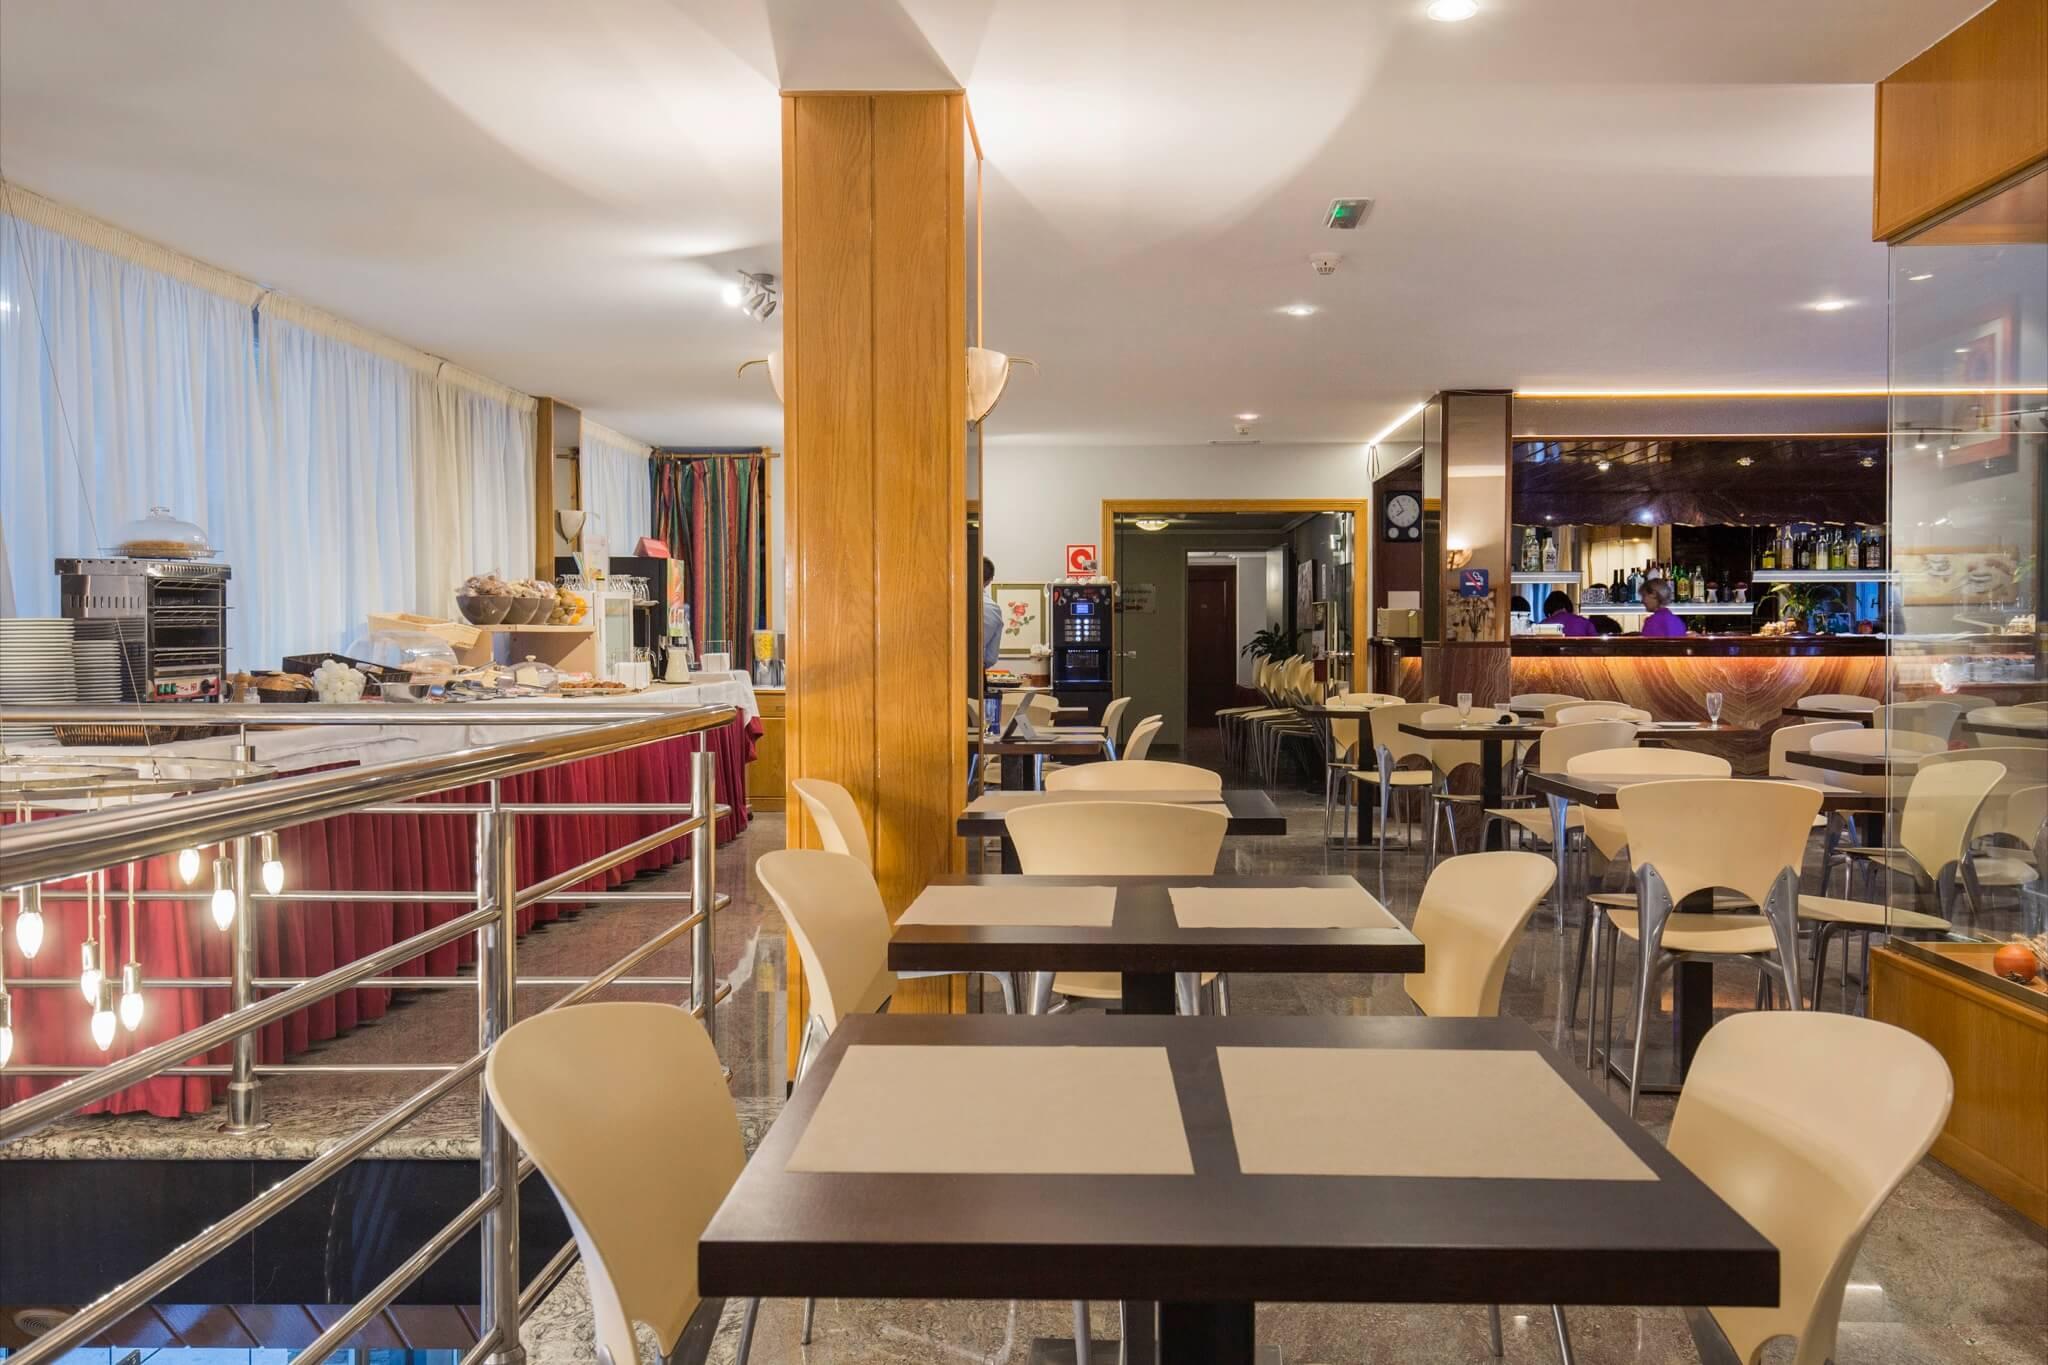 Imperial sala desayunos_2048x1365